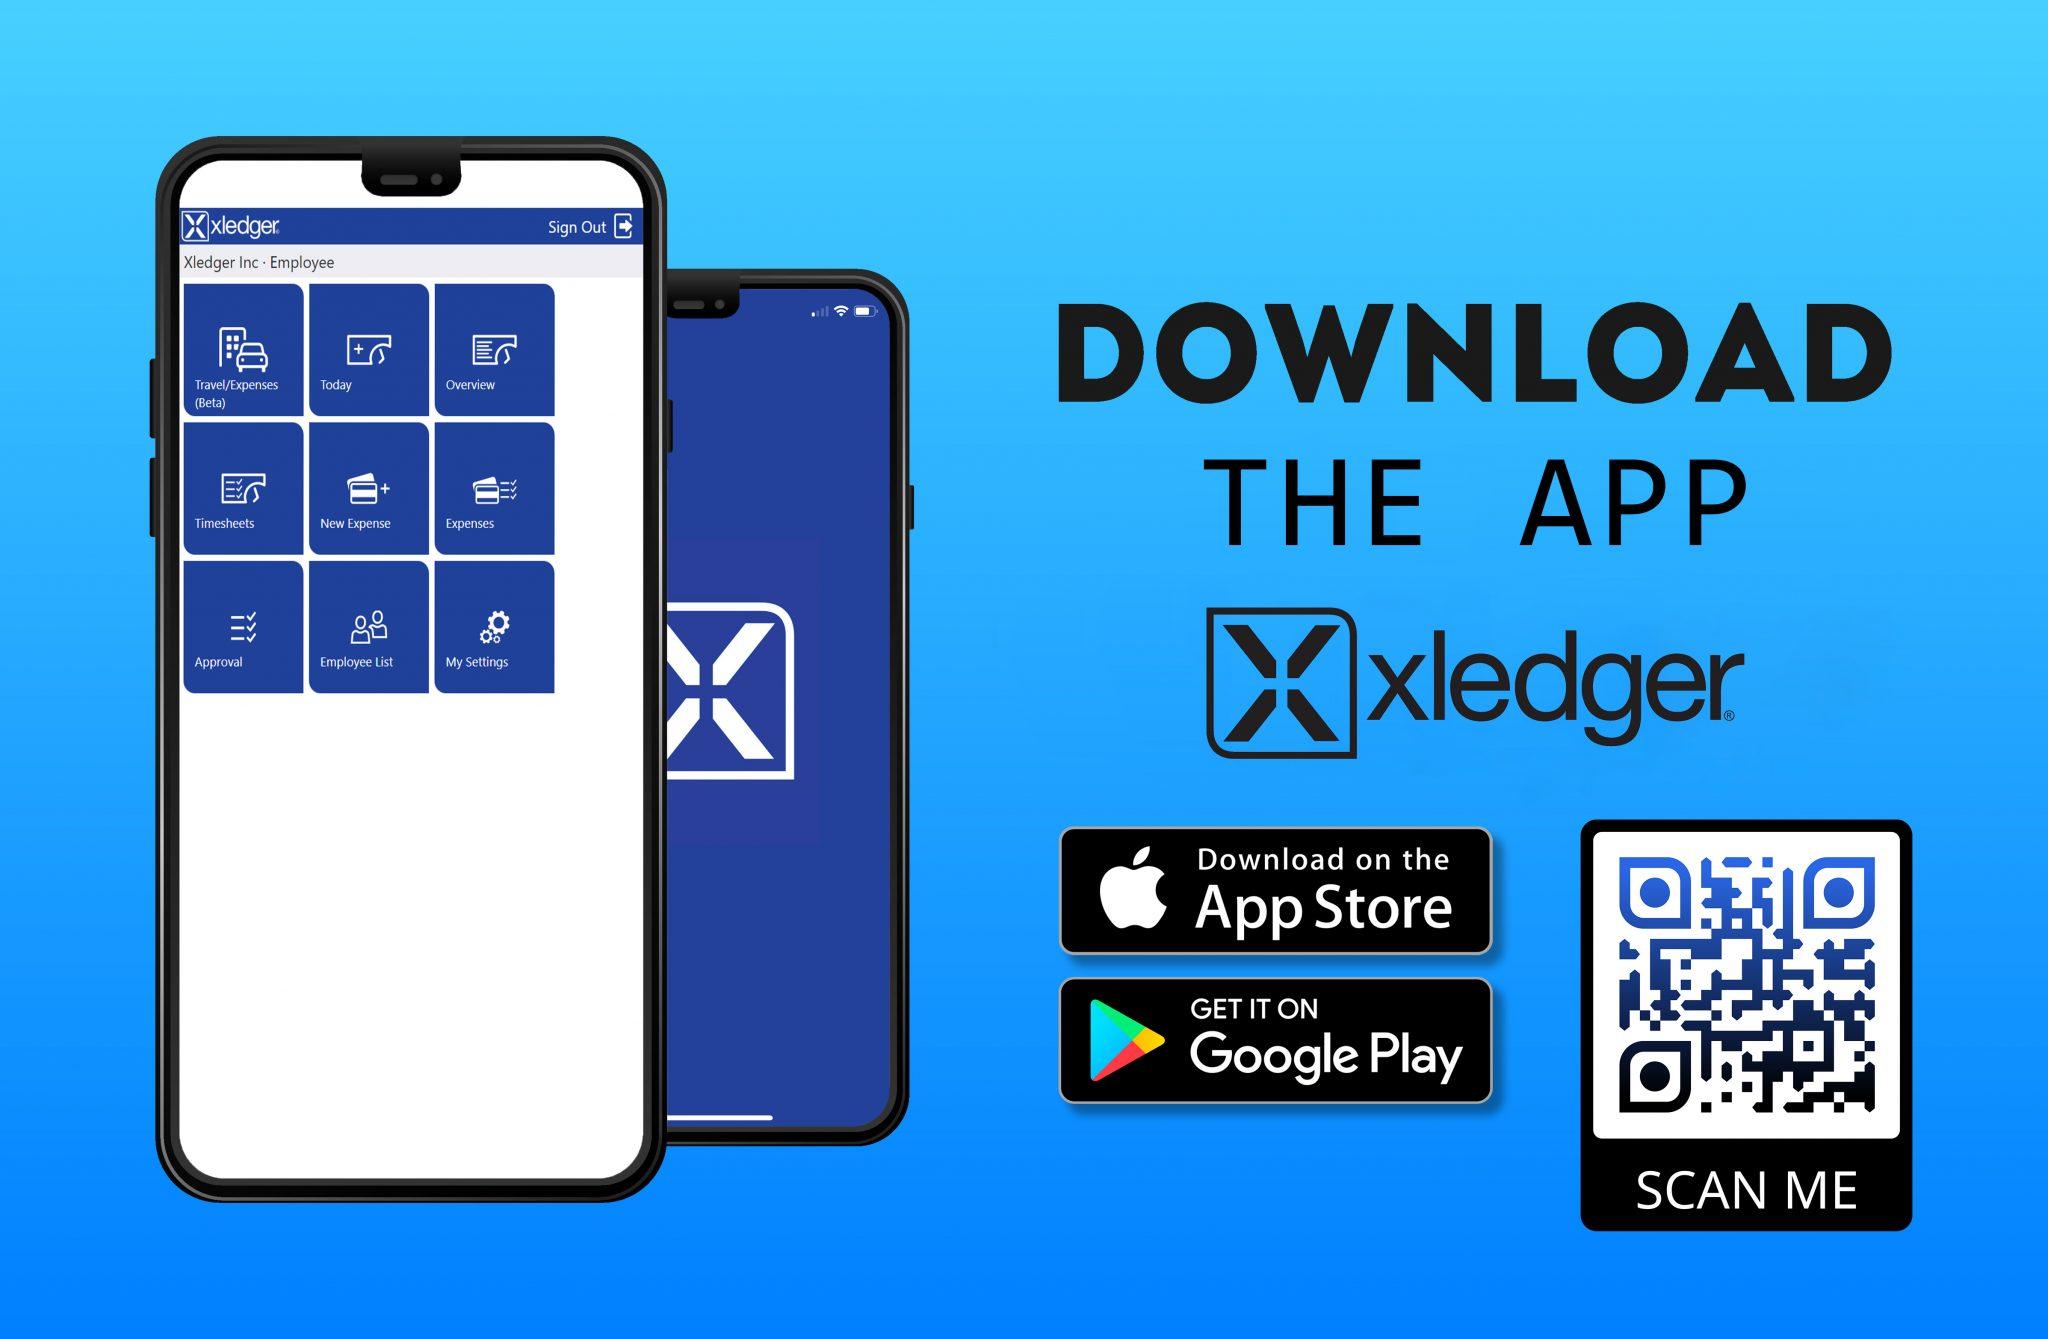 Xledger App Download